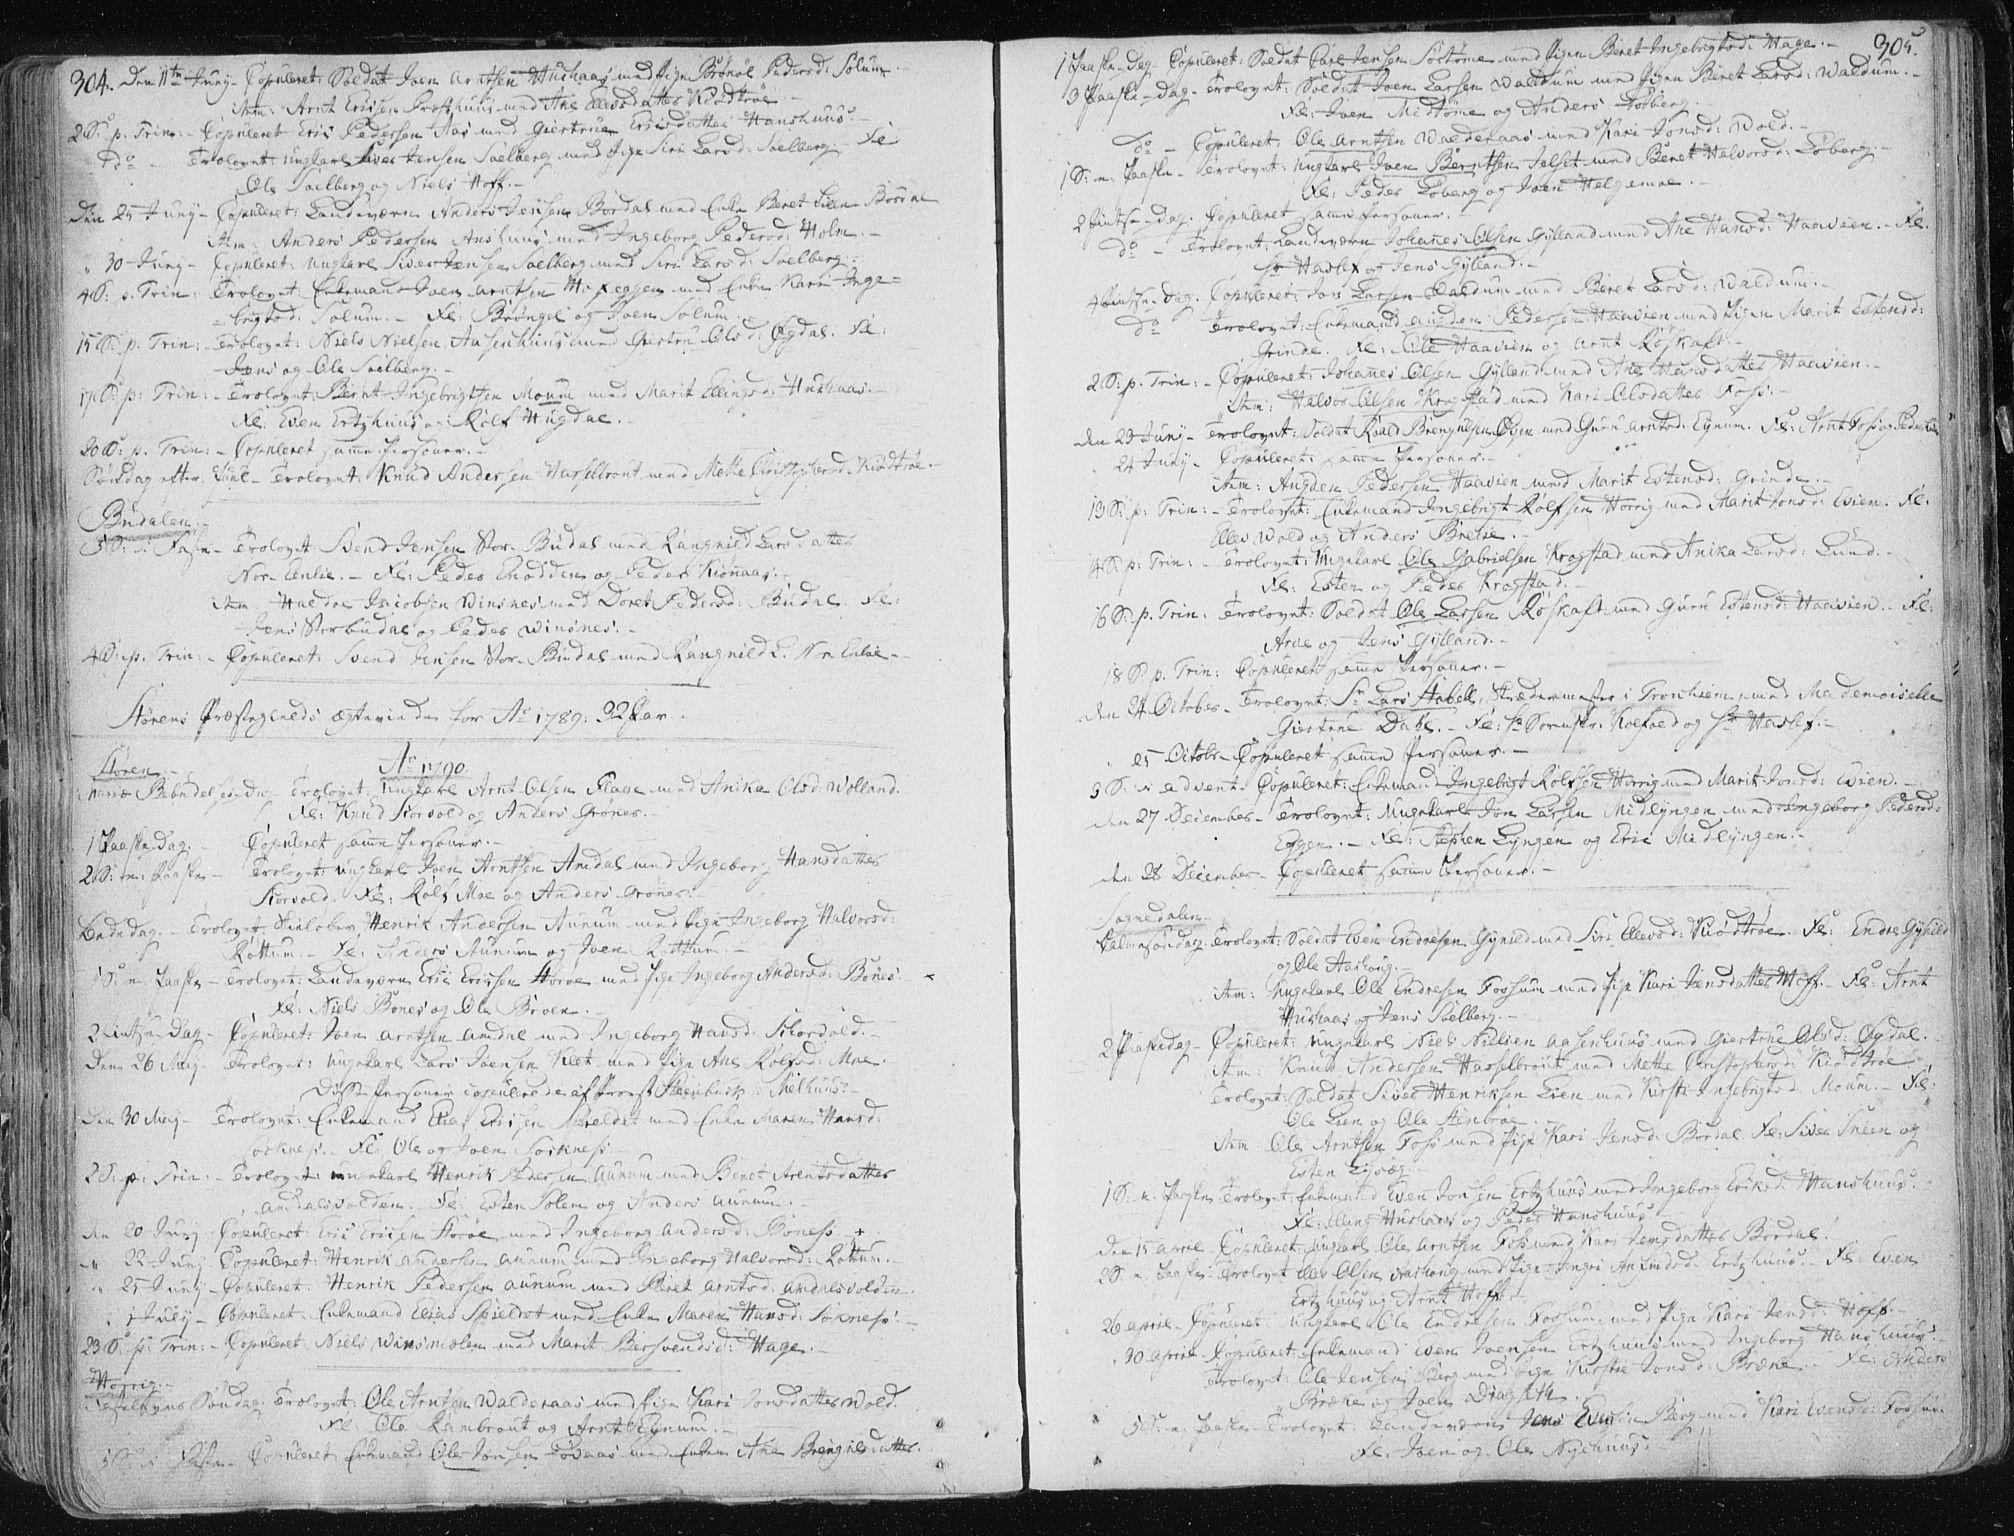 SAT, Ministerialprotokoller, klokkerbøker og fødselsregistre - Sør-Trøndelag, 687/L0992: Ministerialbok nr. 687A03 /1, 1788-1815, s. 304-305